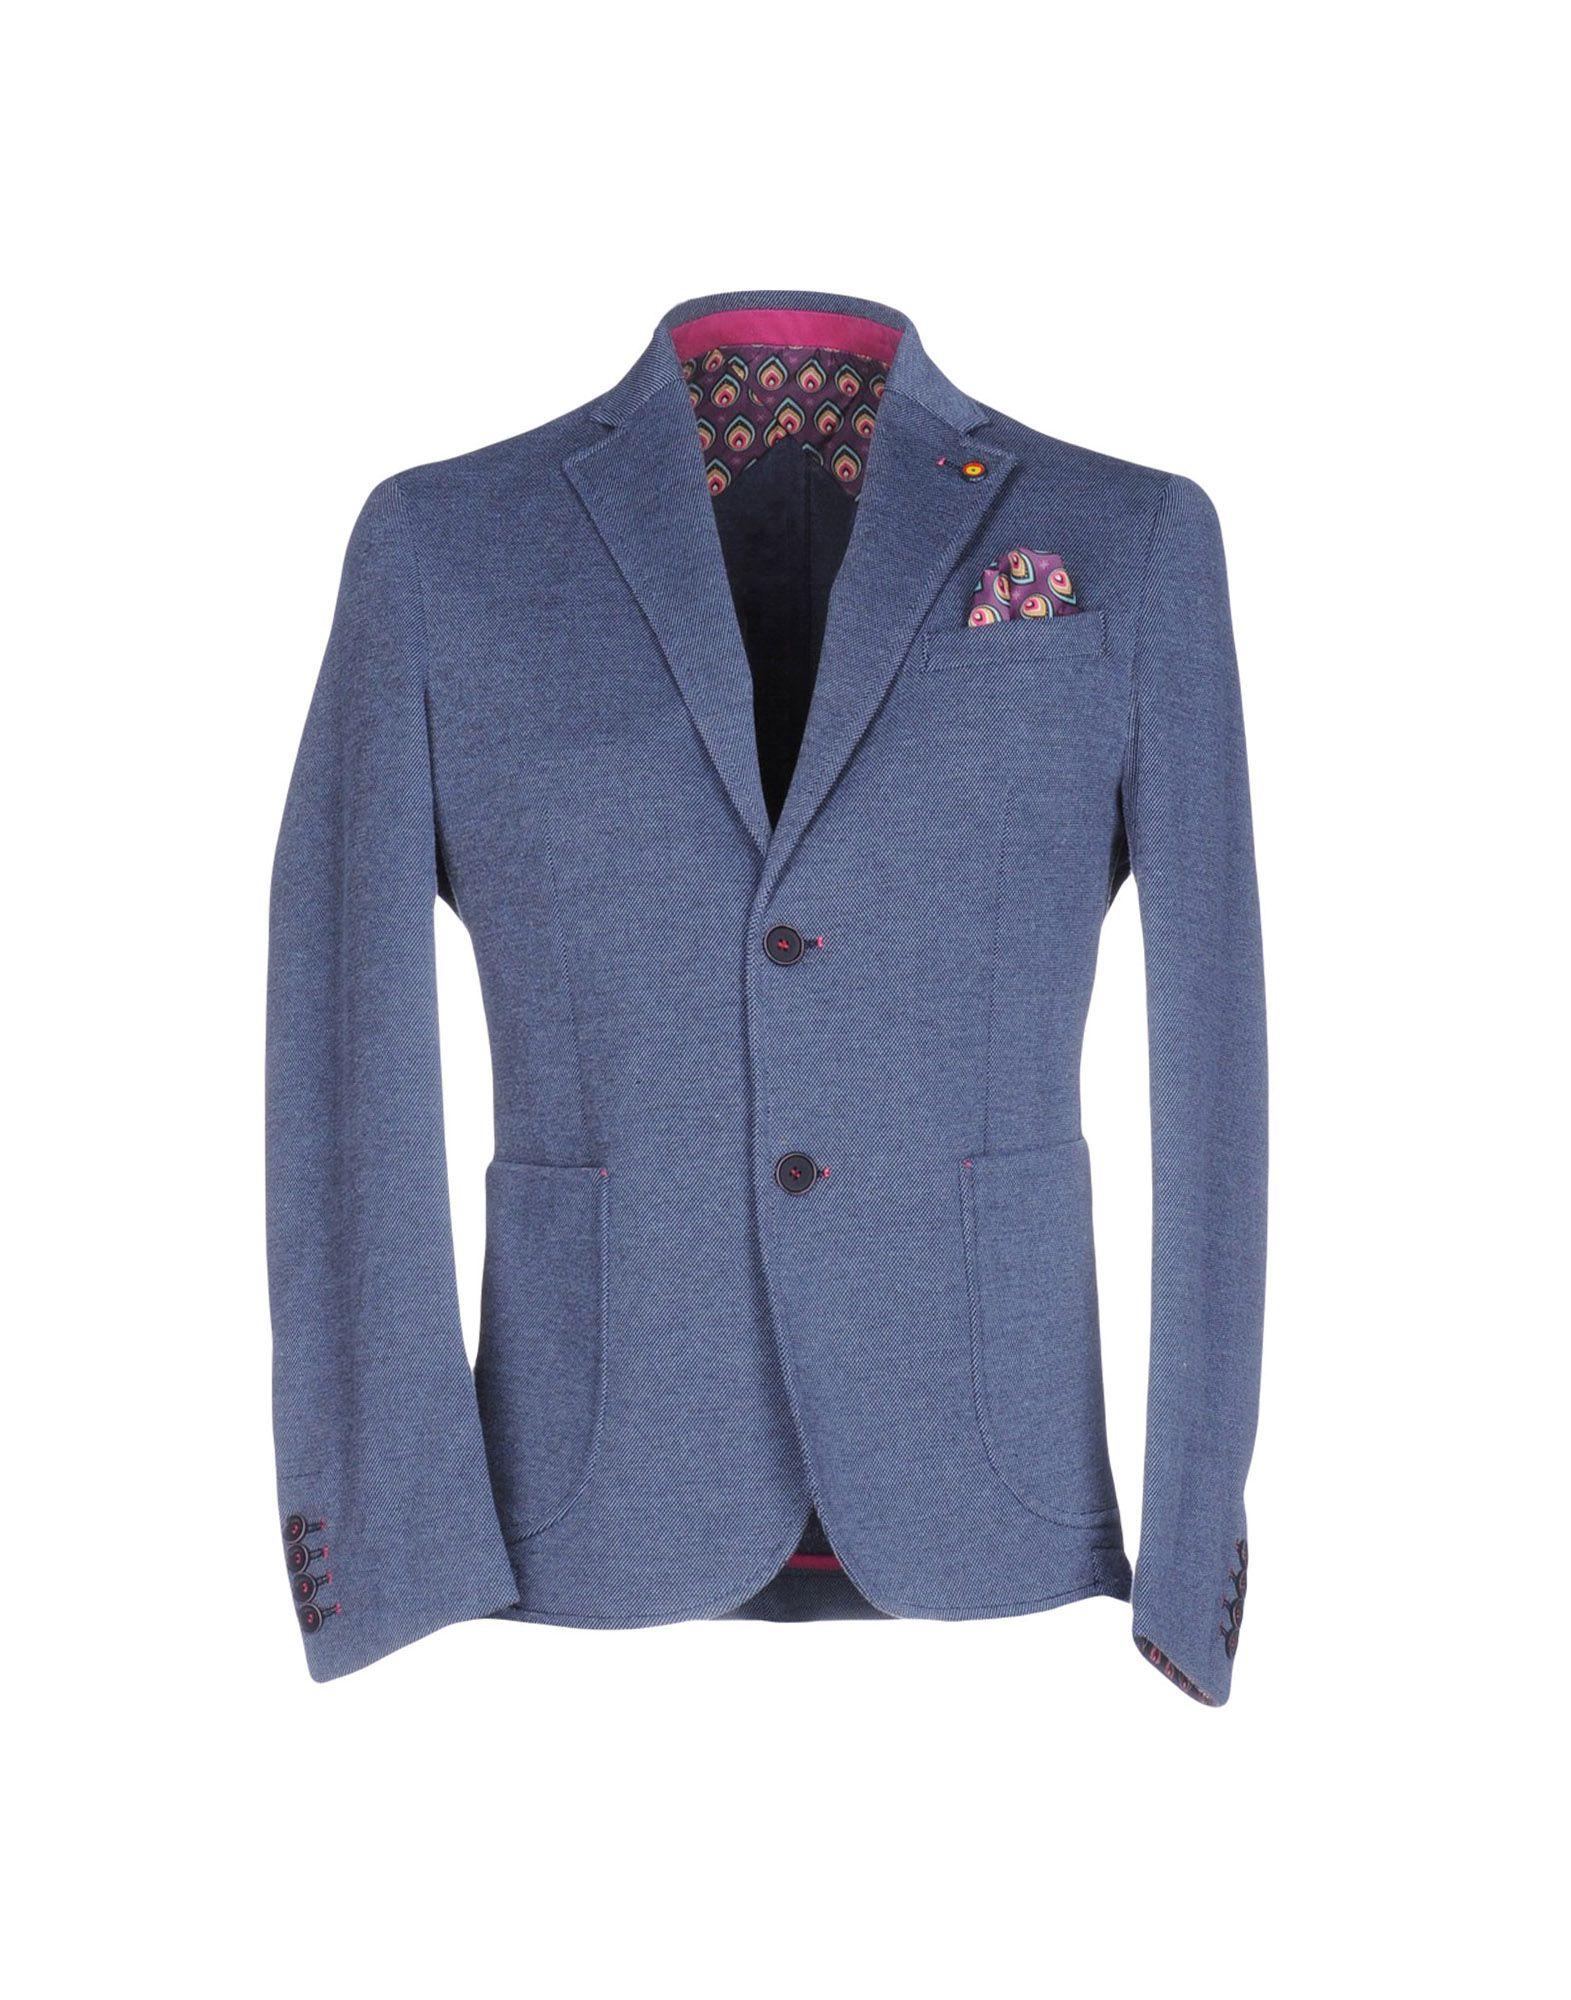 ROBERTO P Luxury Herren Jackett Farbe Taubenblau Größe 4 - broschei